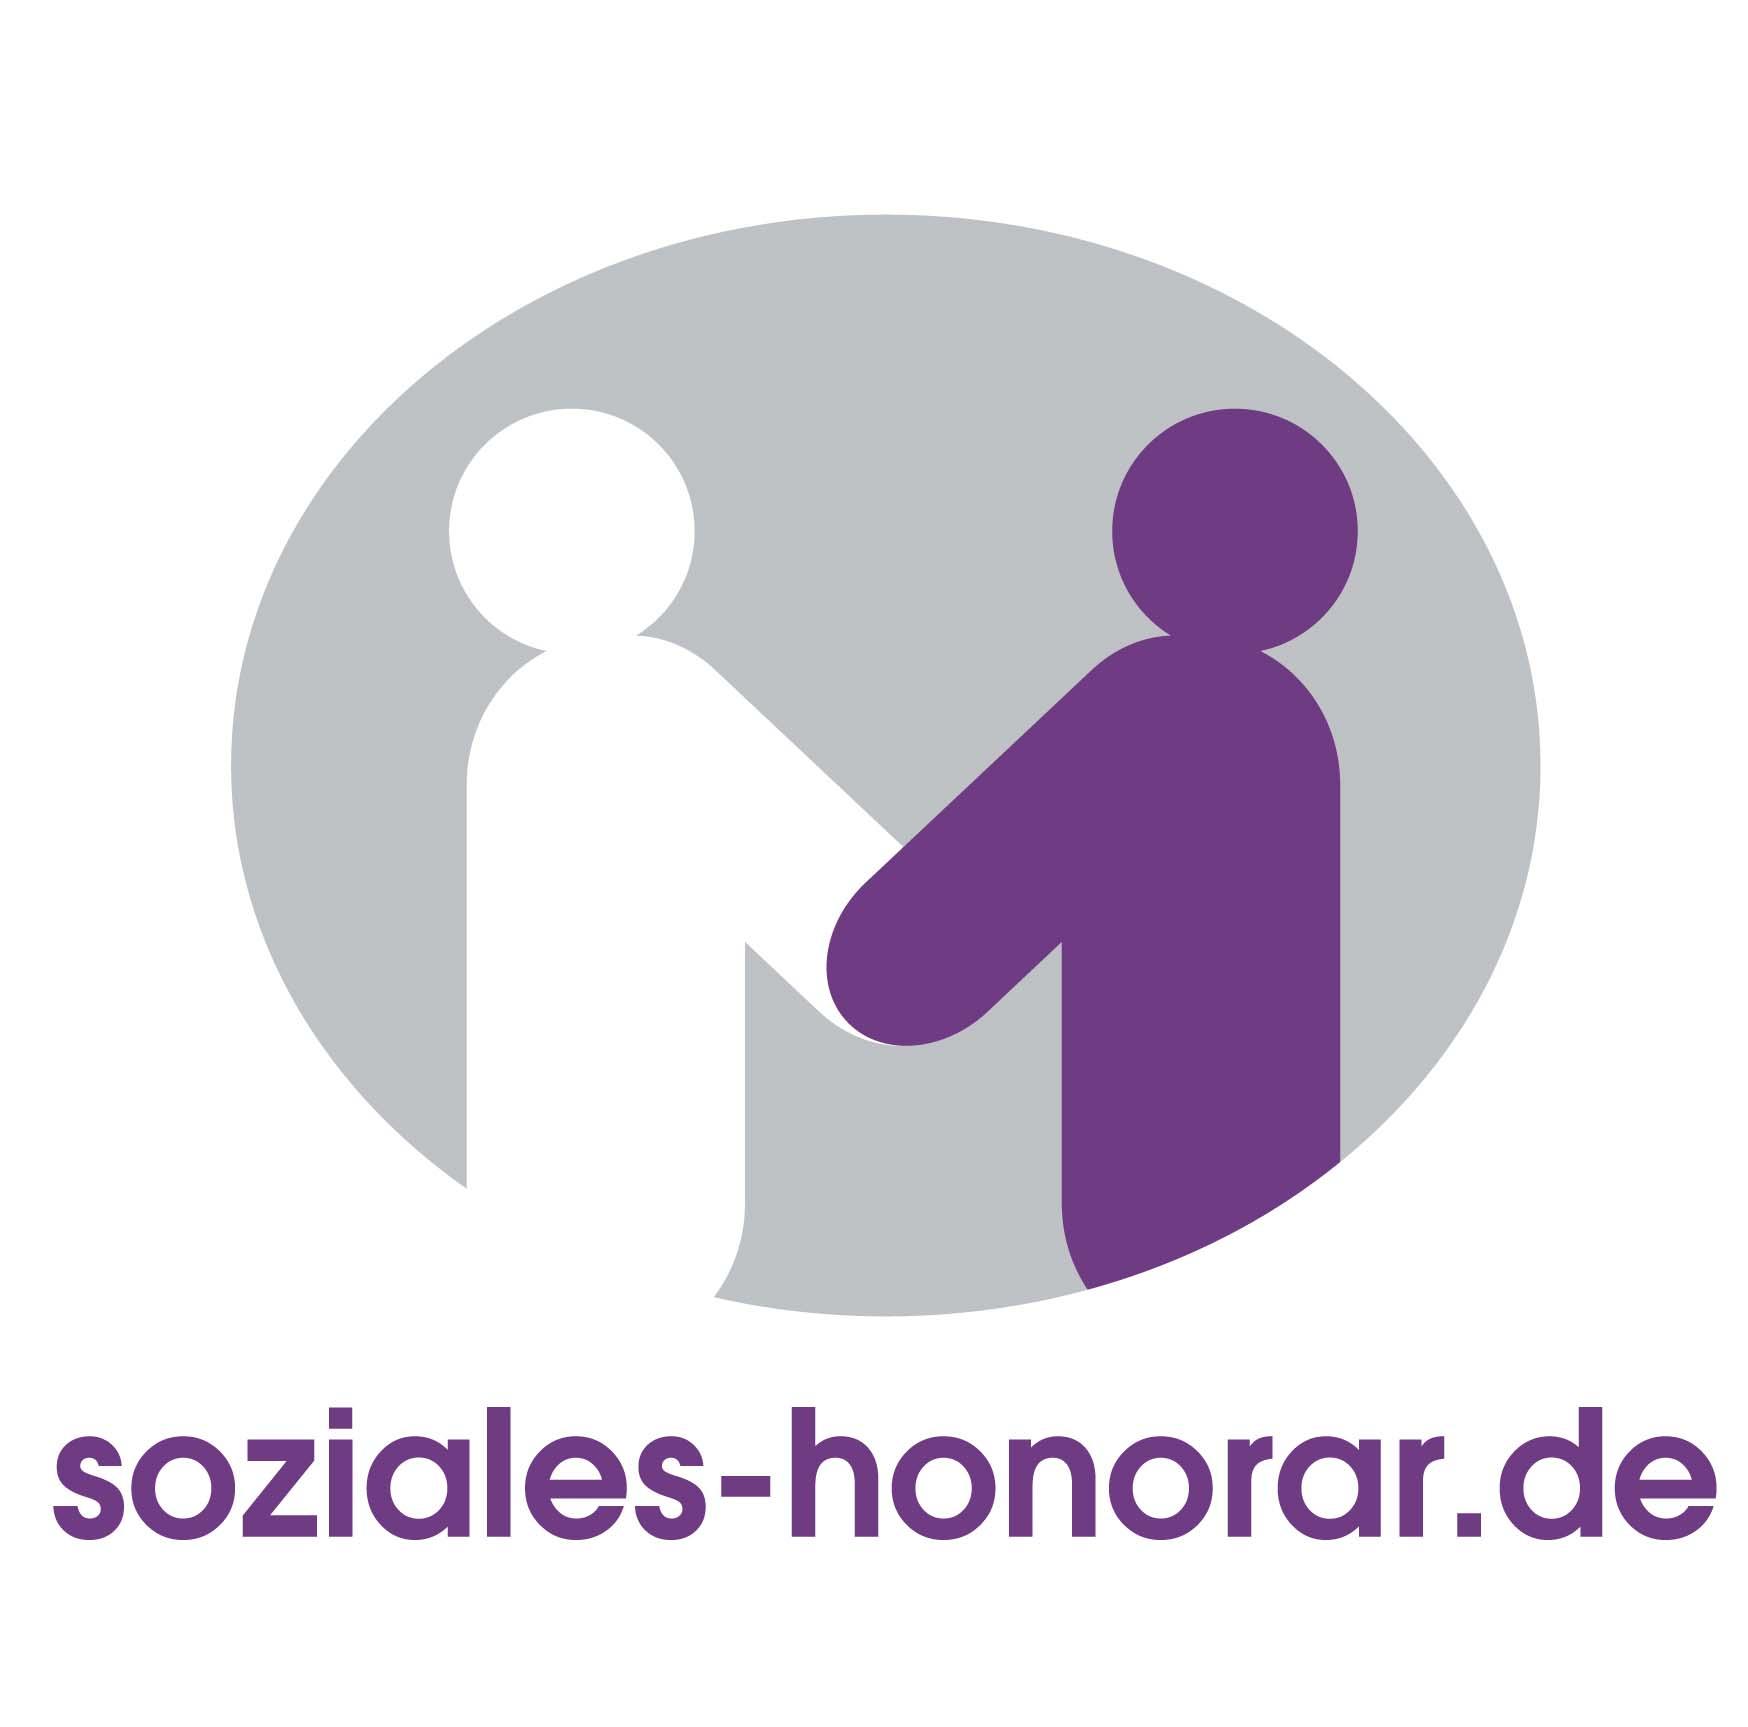 logo soziales-honorar.de